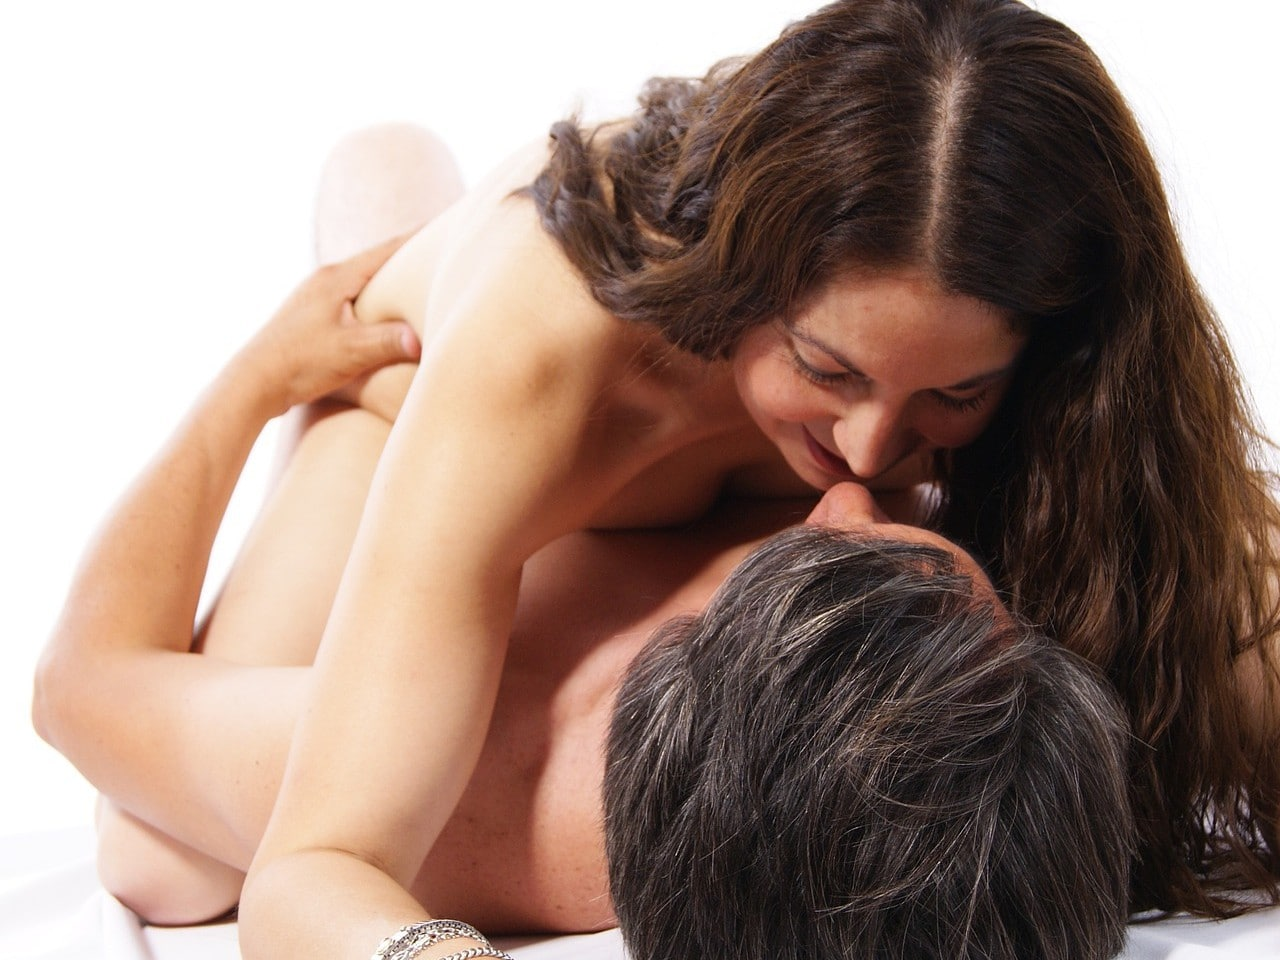 Cómo hacer sexo